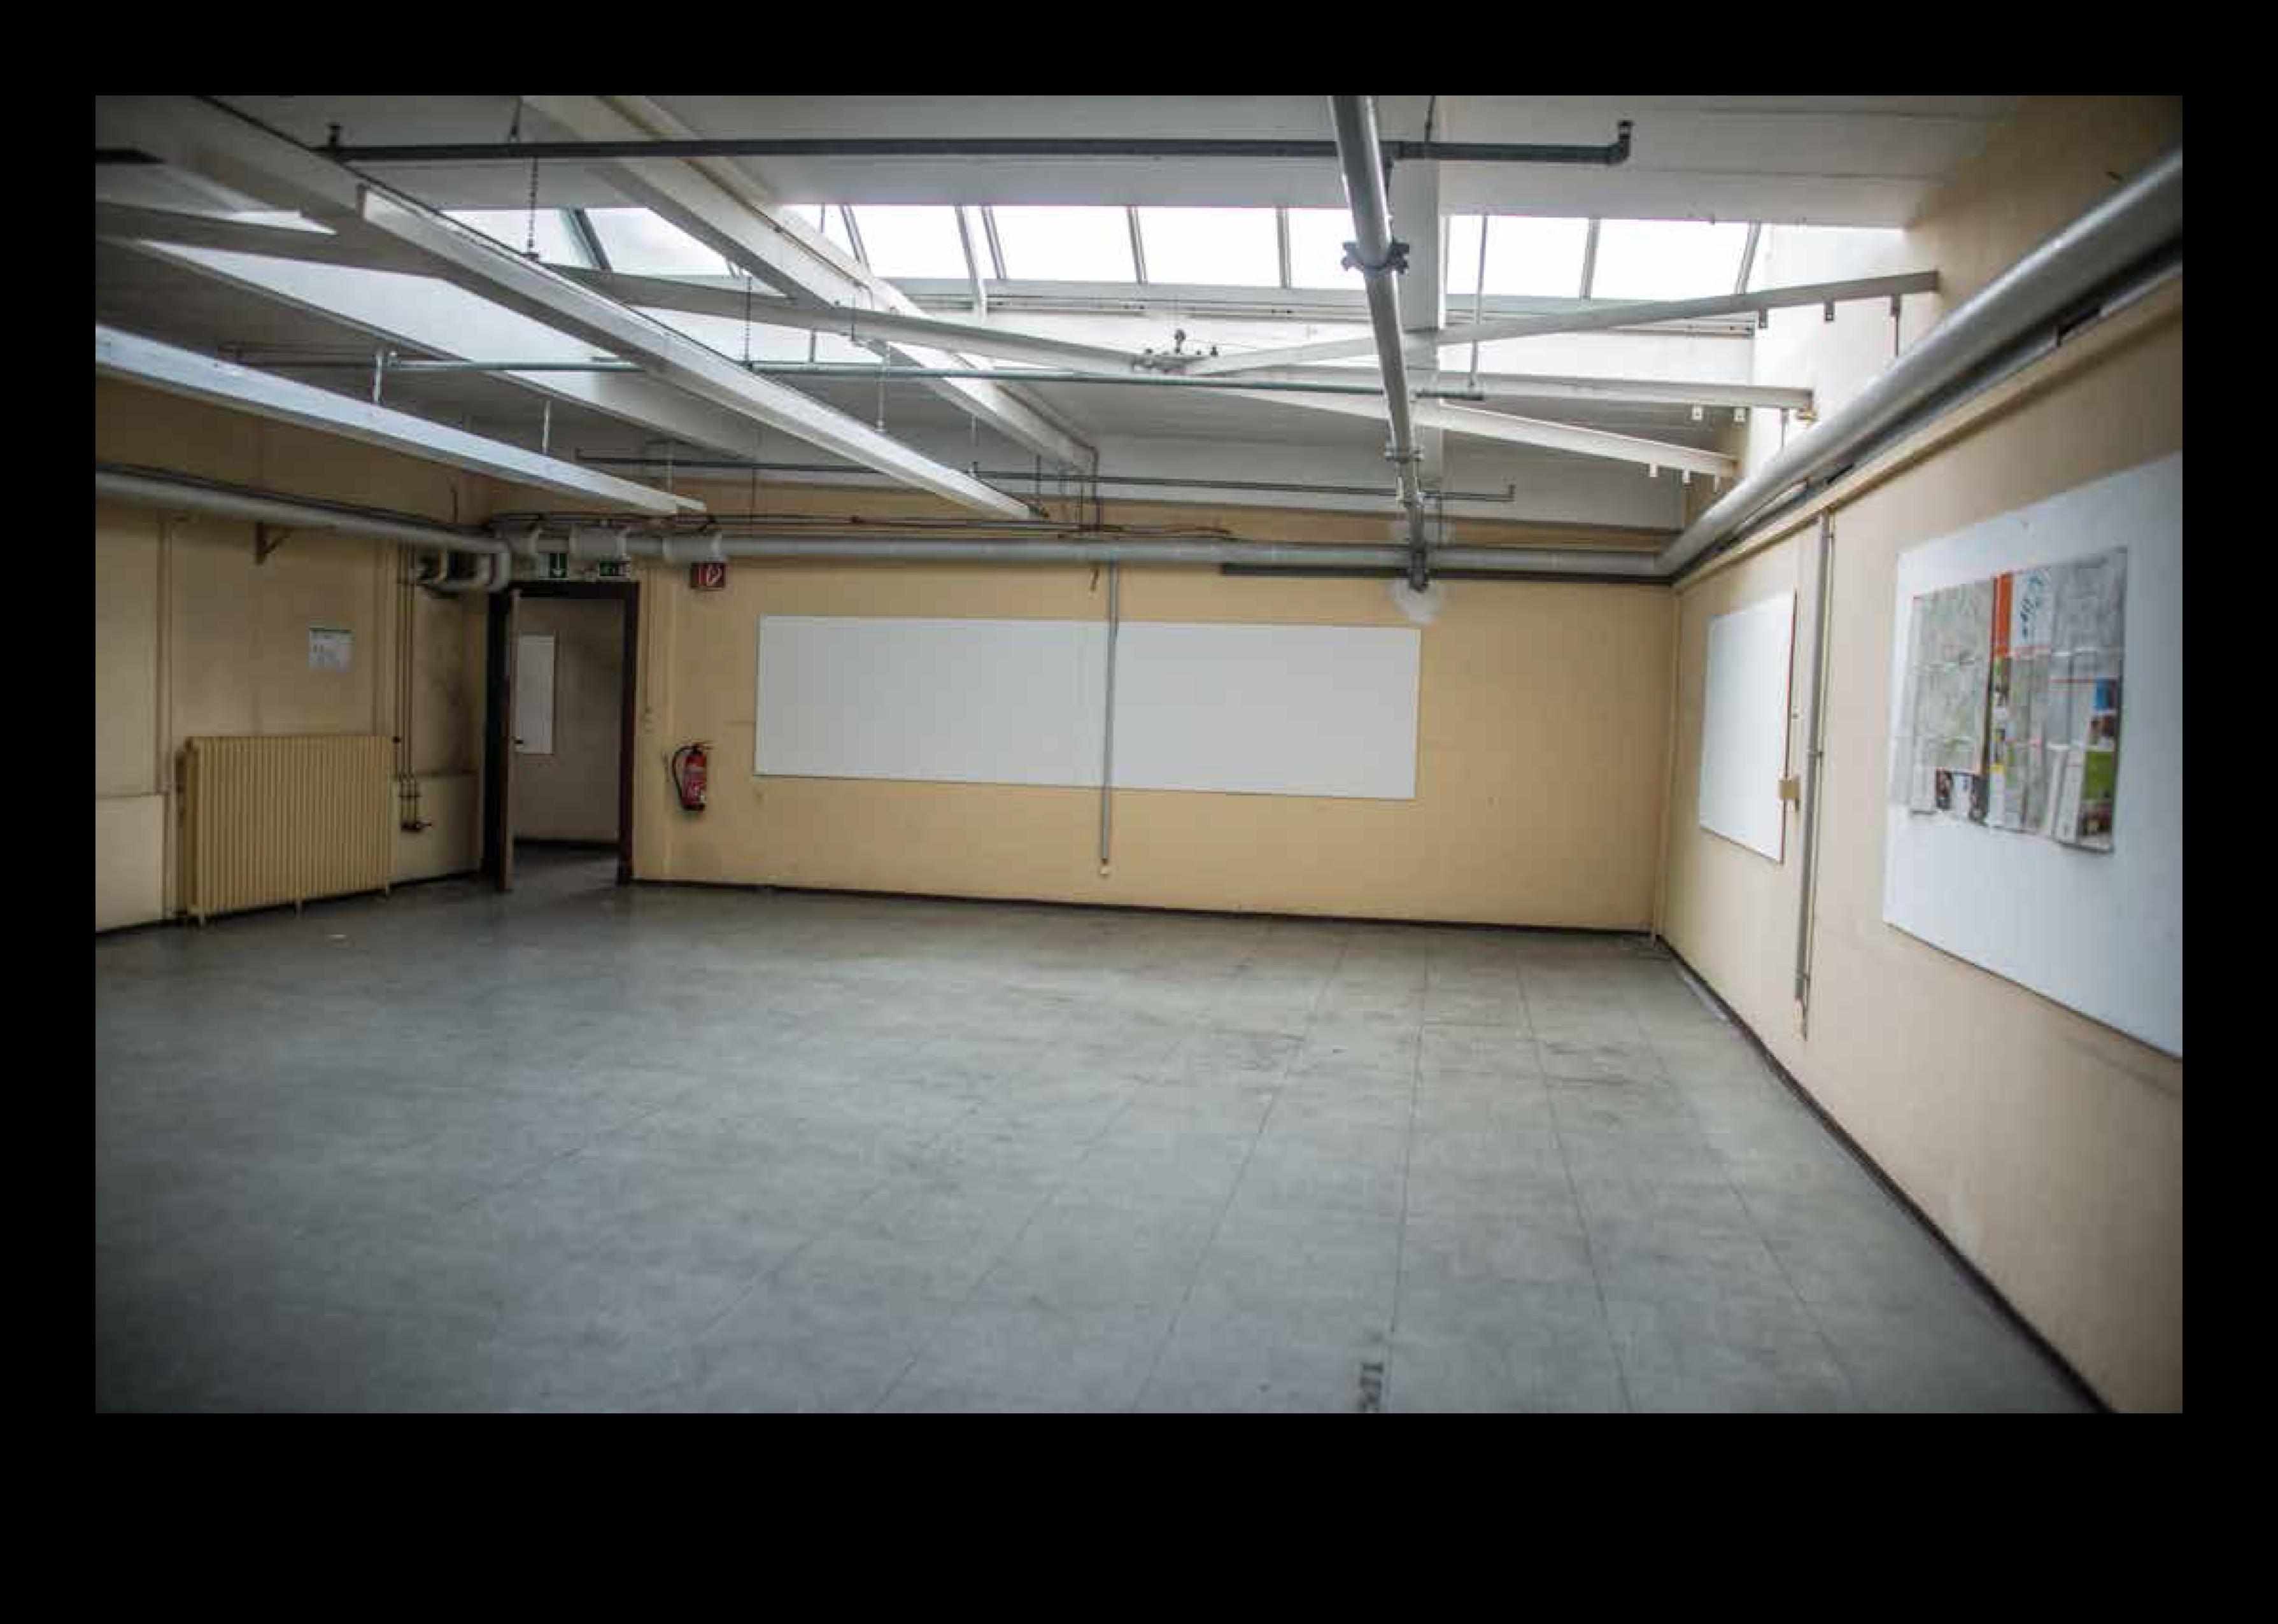 330 Ateliers zur Zwischennutzung 60